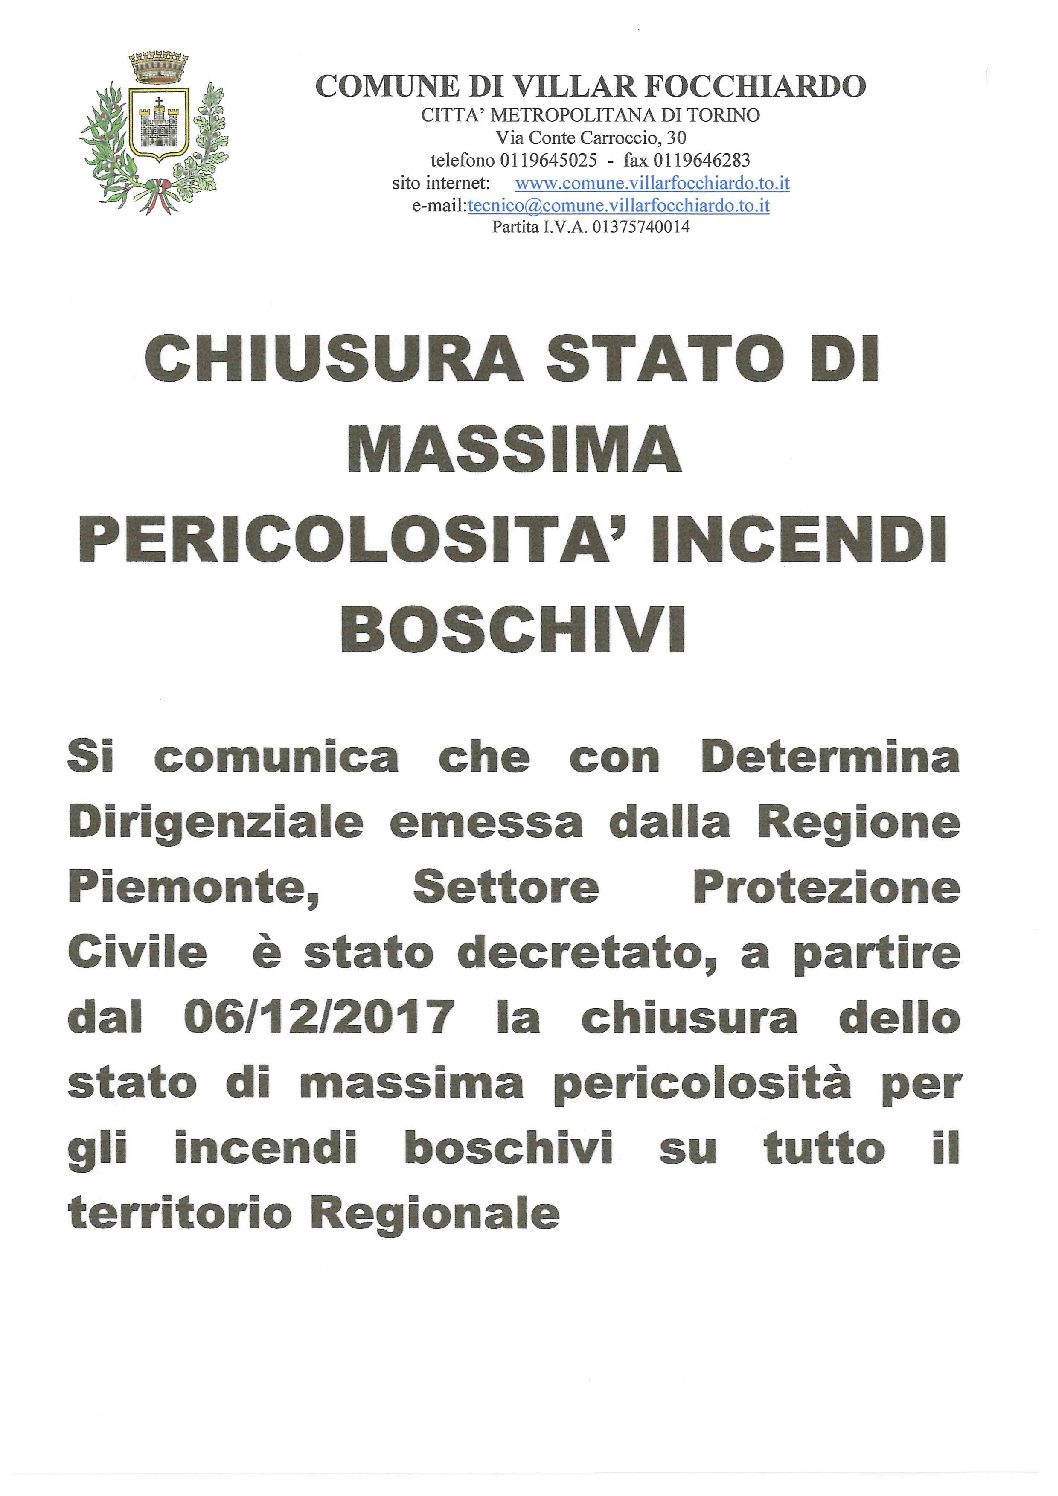 CHIUSURA STATO MASSIMA PERICOLOSITA' INCENDI BOSCHIVI